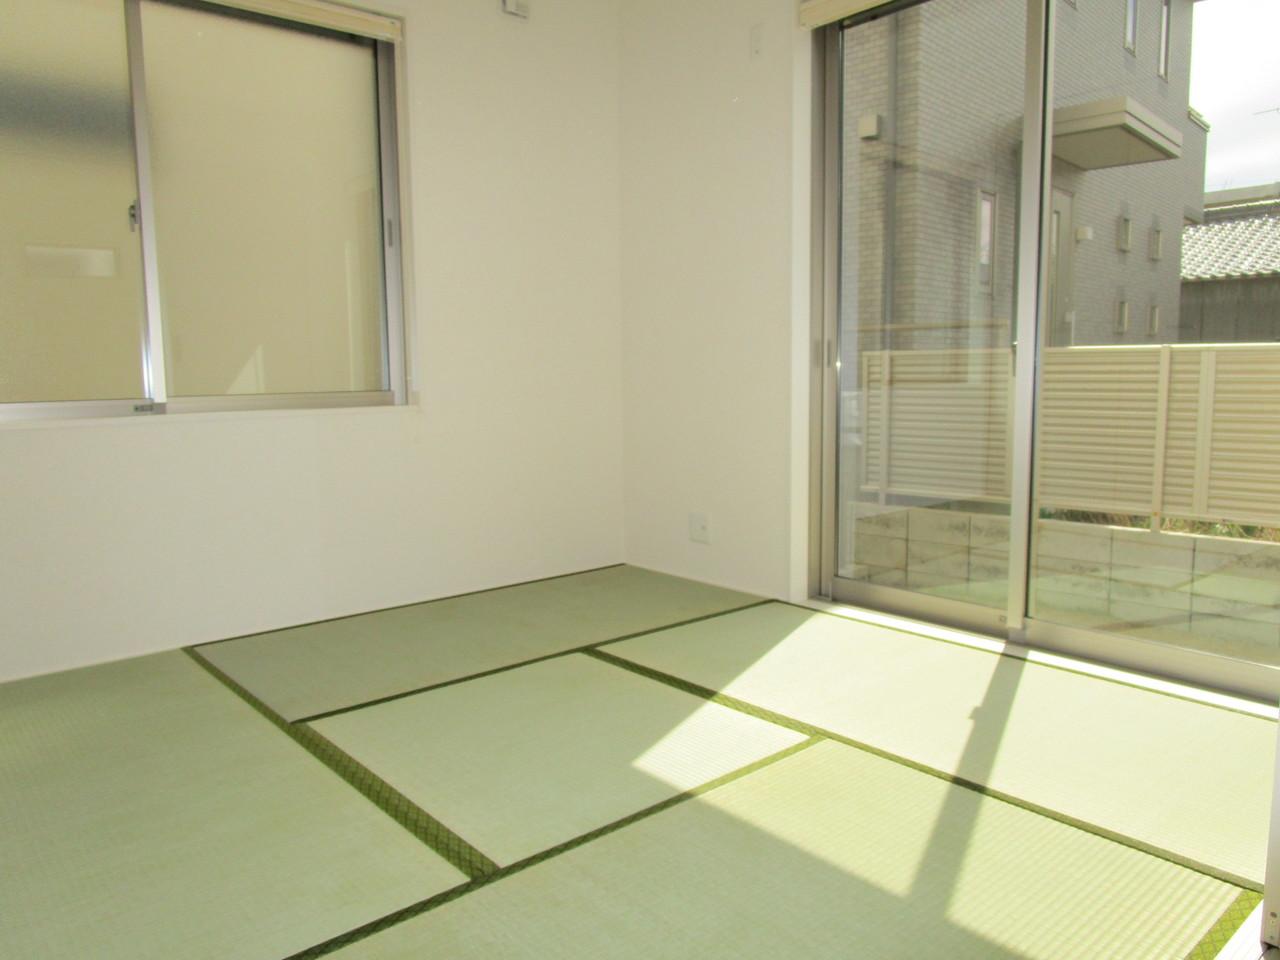 【同社施工例】いぐさの香る和室でリラックスした毎日を情緒漂うくつろぎの和室でお過ごしください